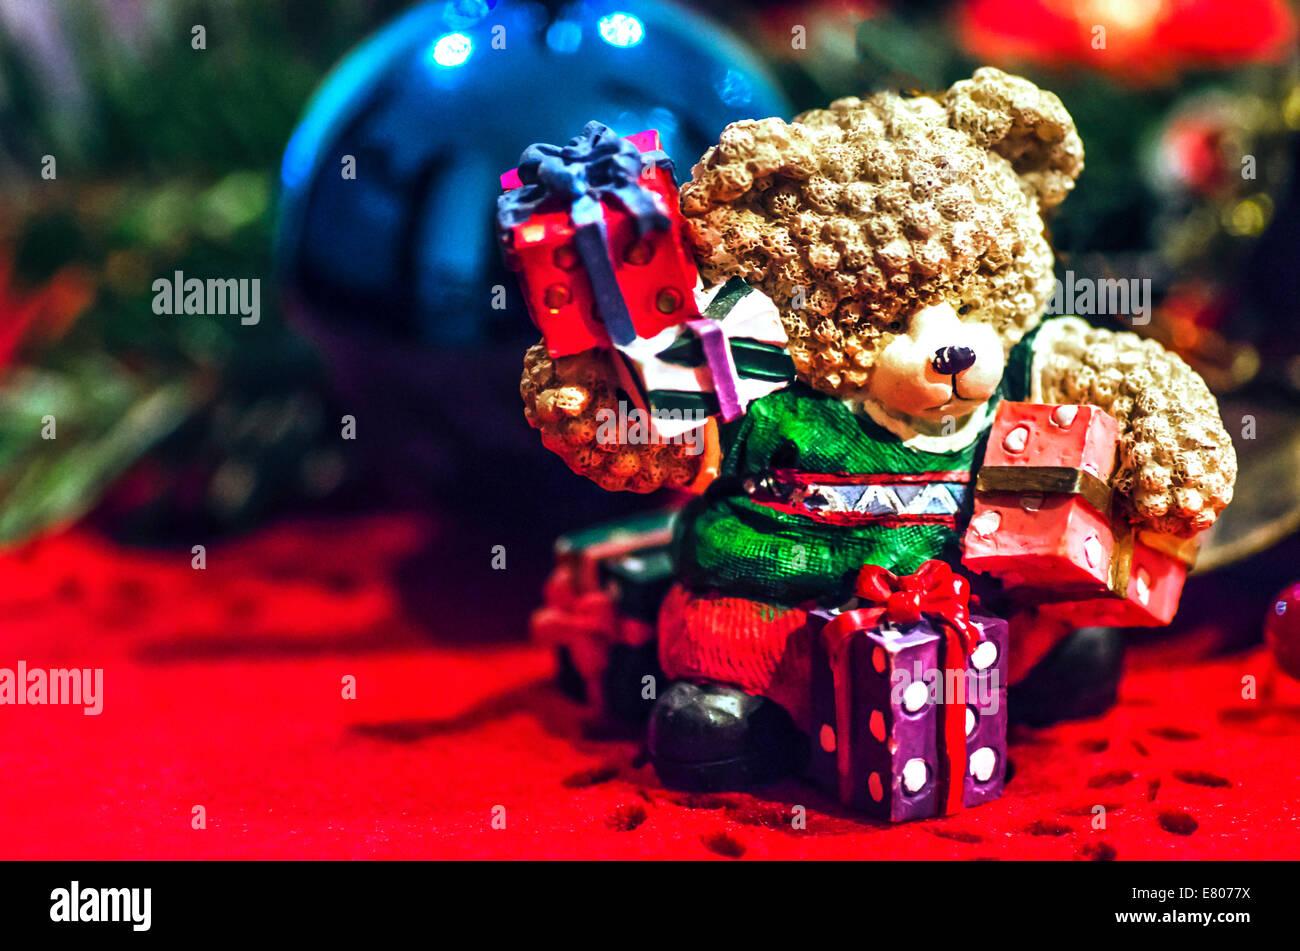 Soeur Carte de Noël avec Festive Bear et Bonhomme de Neige Scène